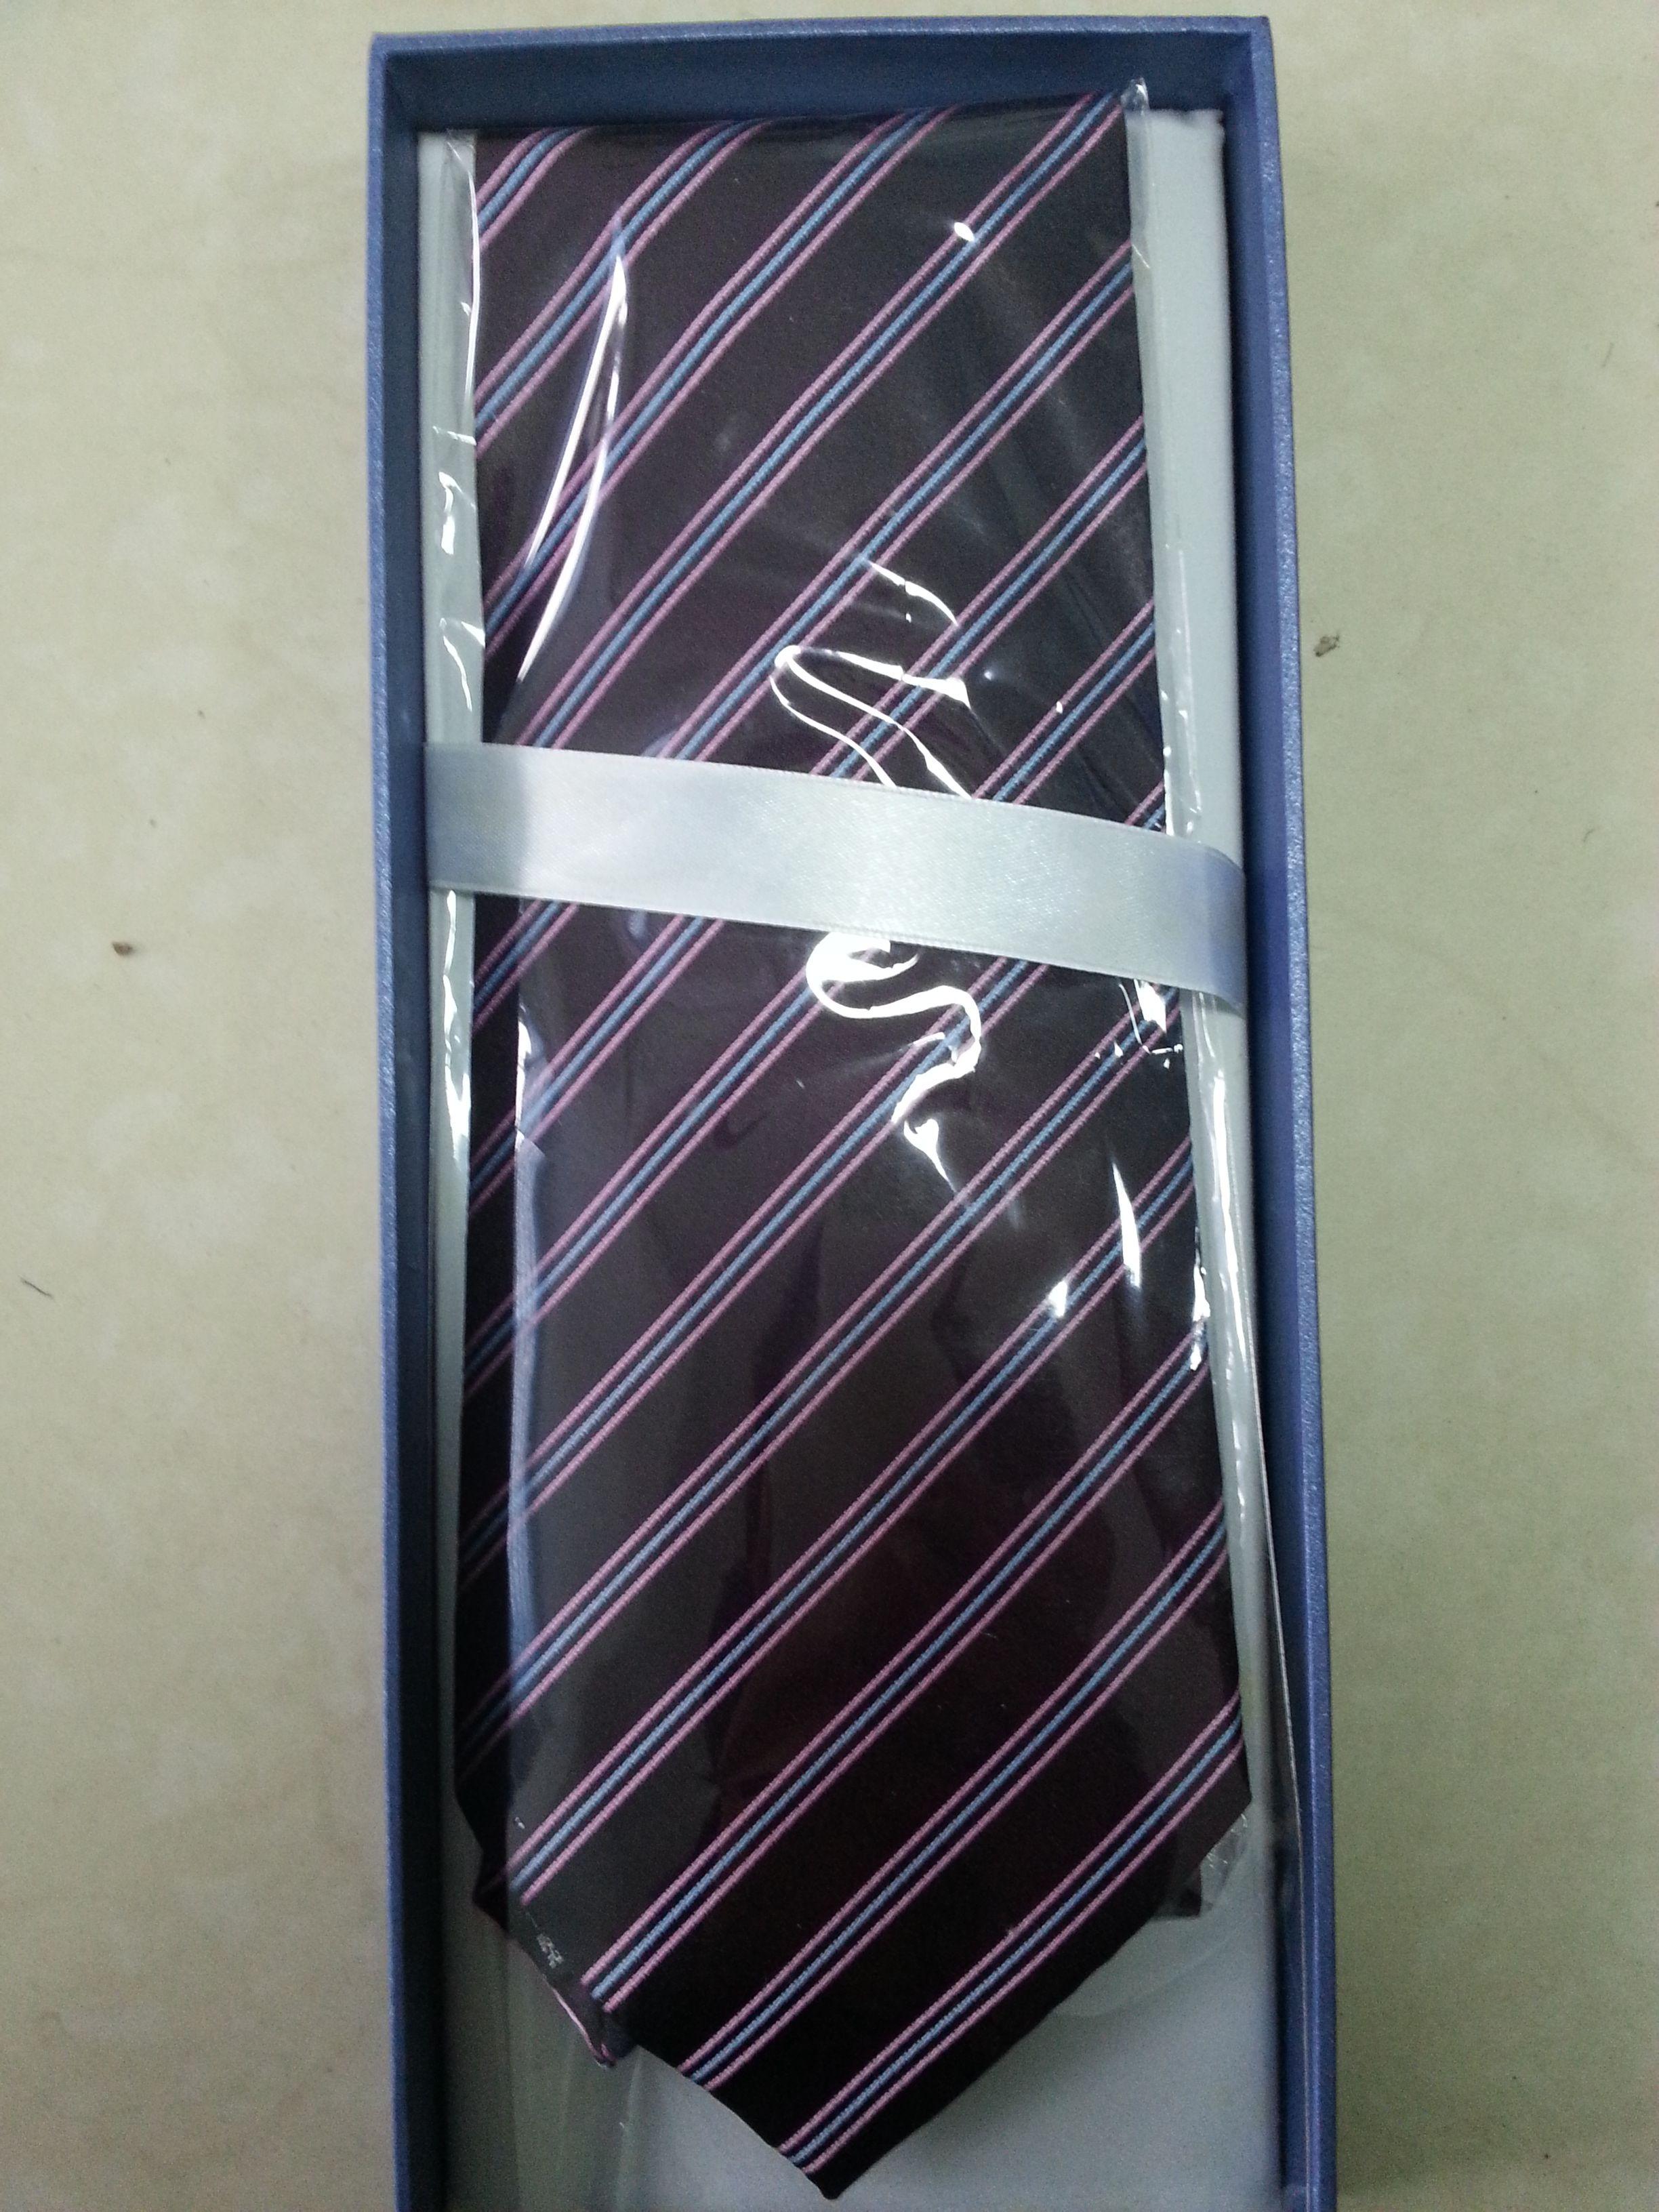 结婚西装是深灰色的,衬衫是淡粉色的,配什么颜色的领带比较